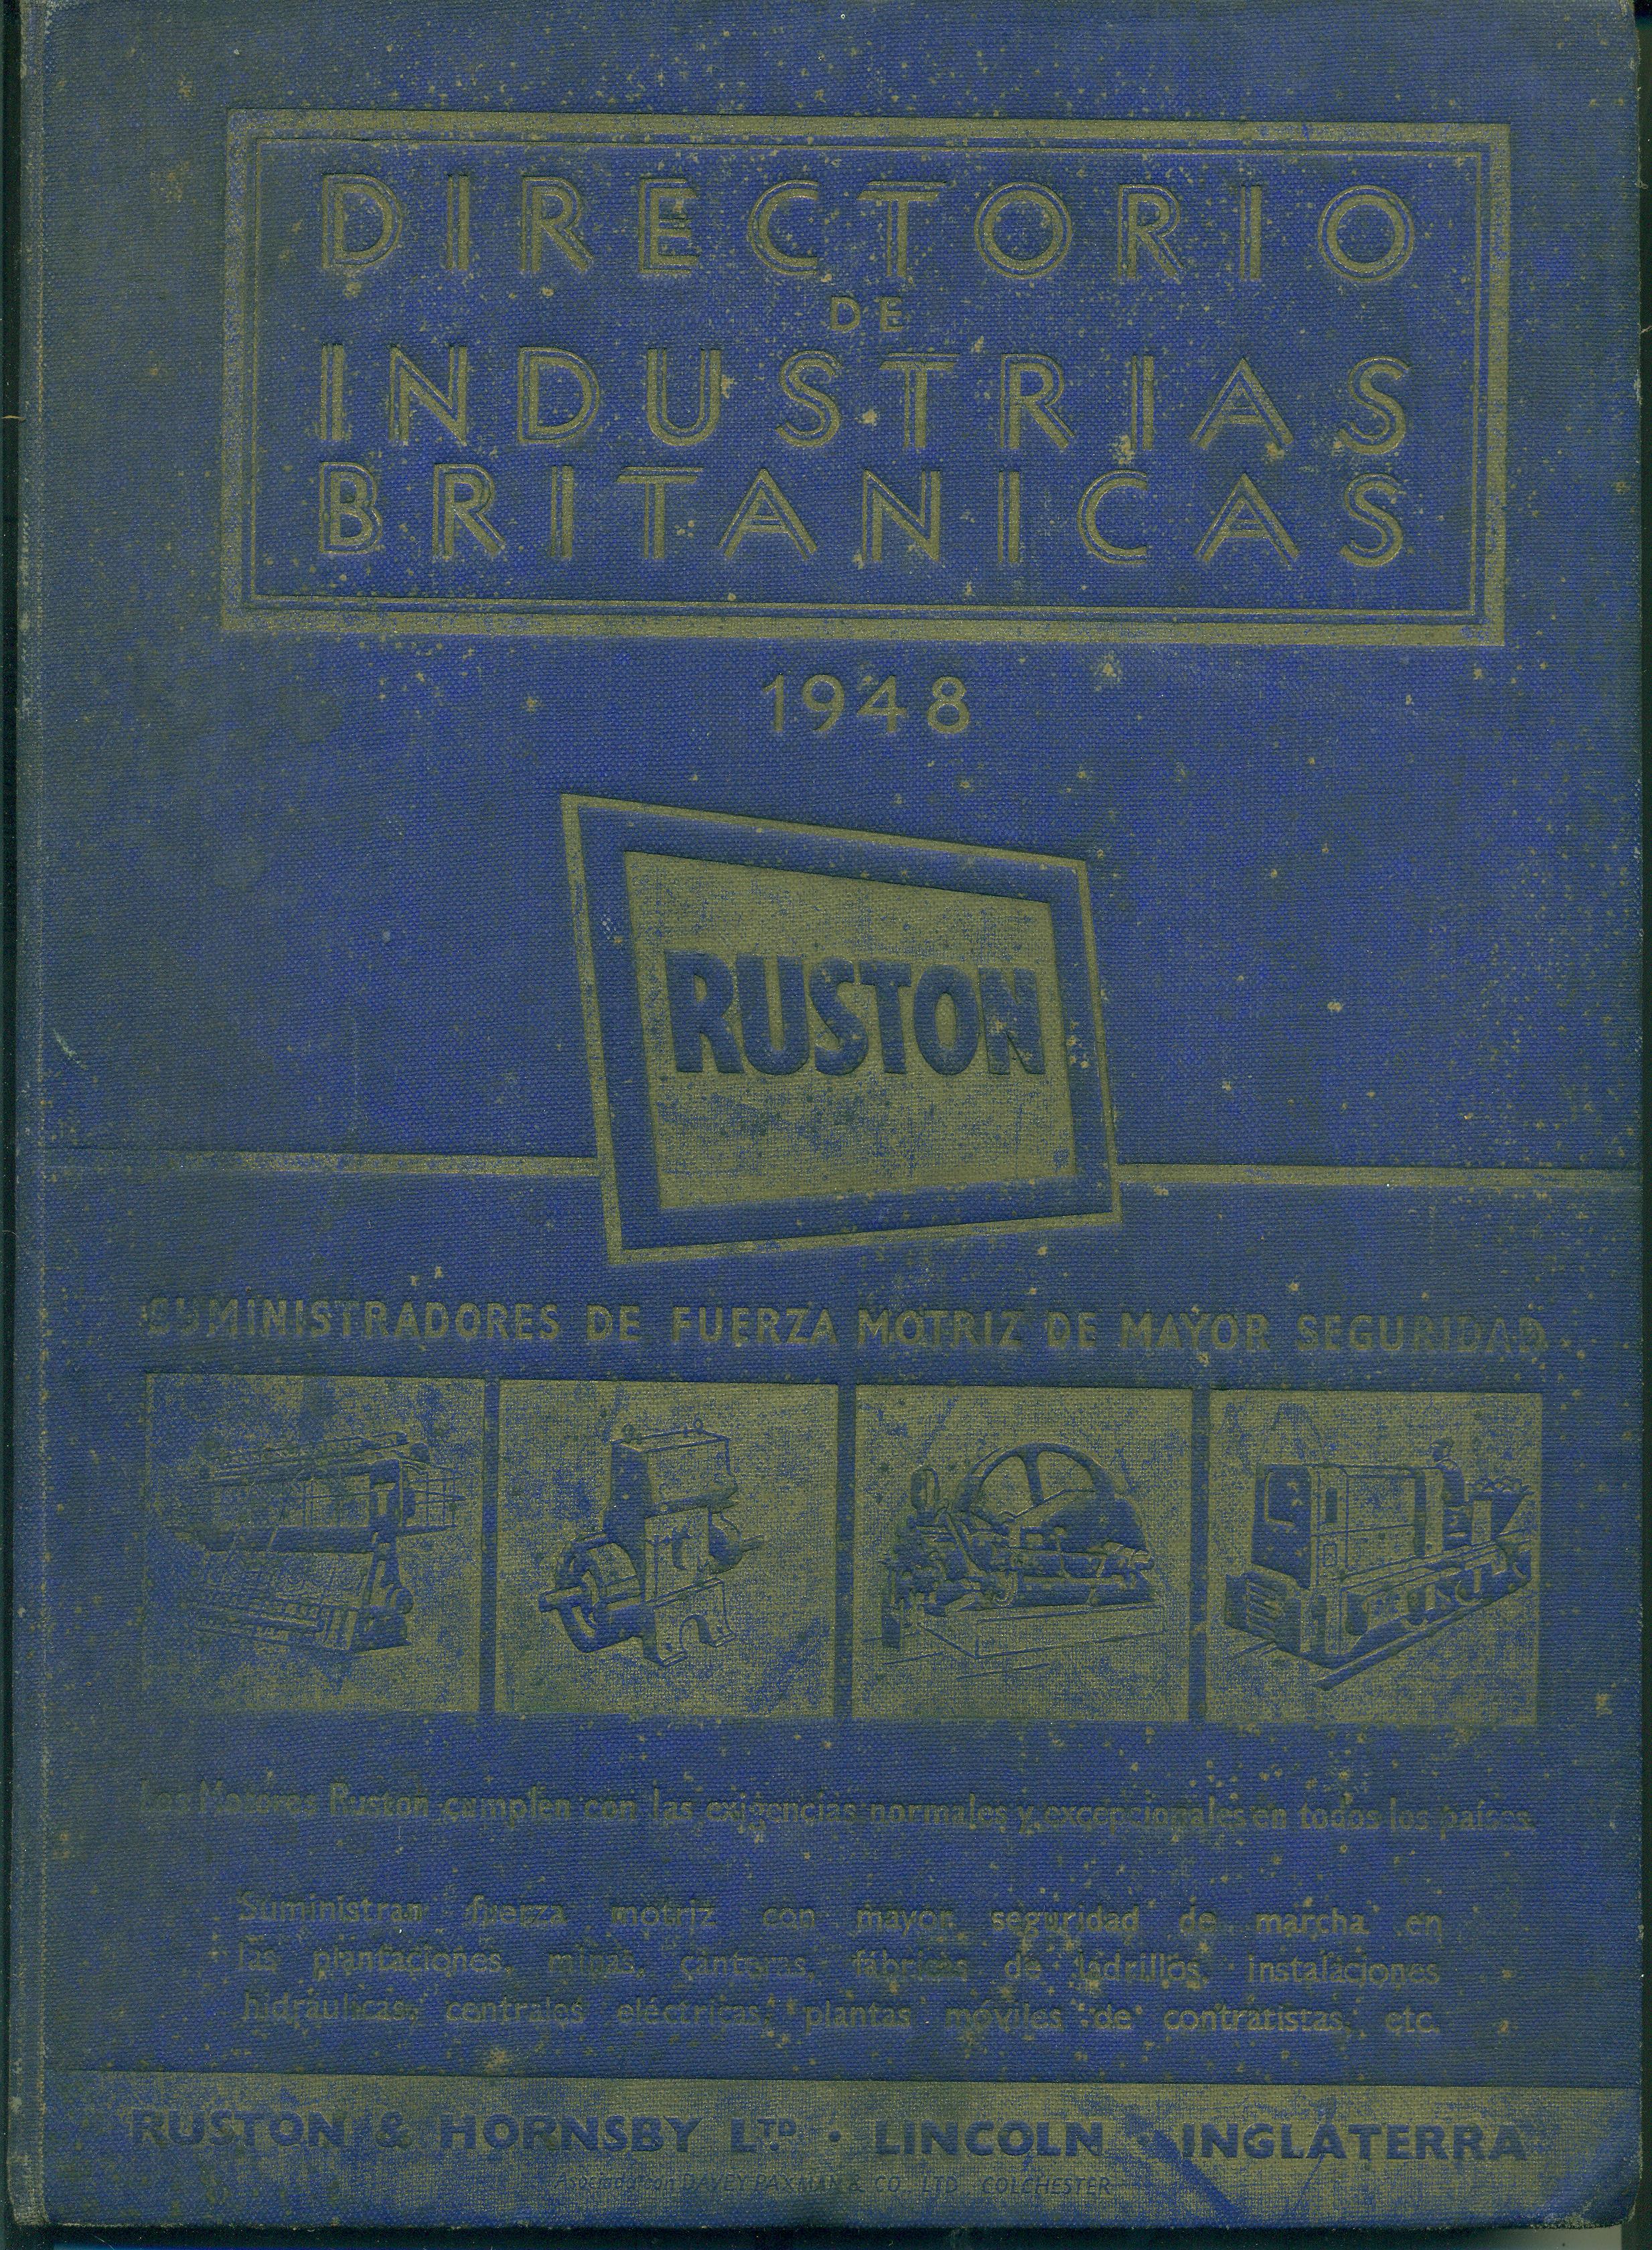 DIRECTORIO DE INDUSTRIAS BRITANICAS